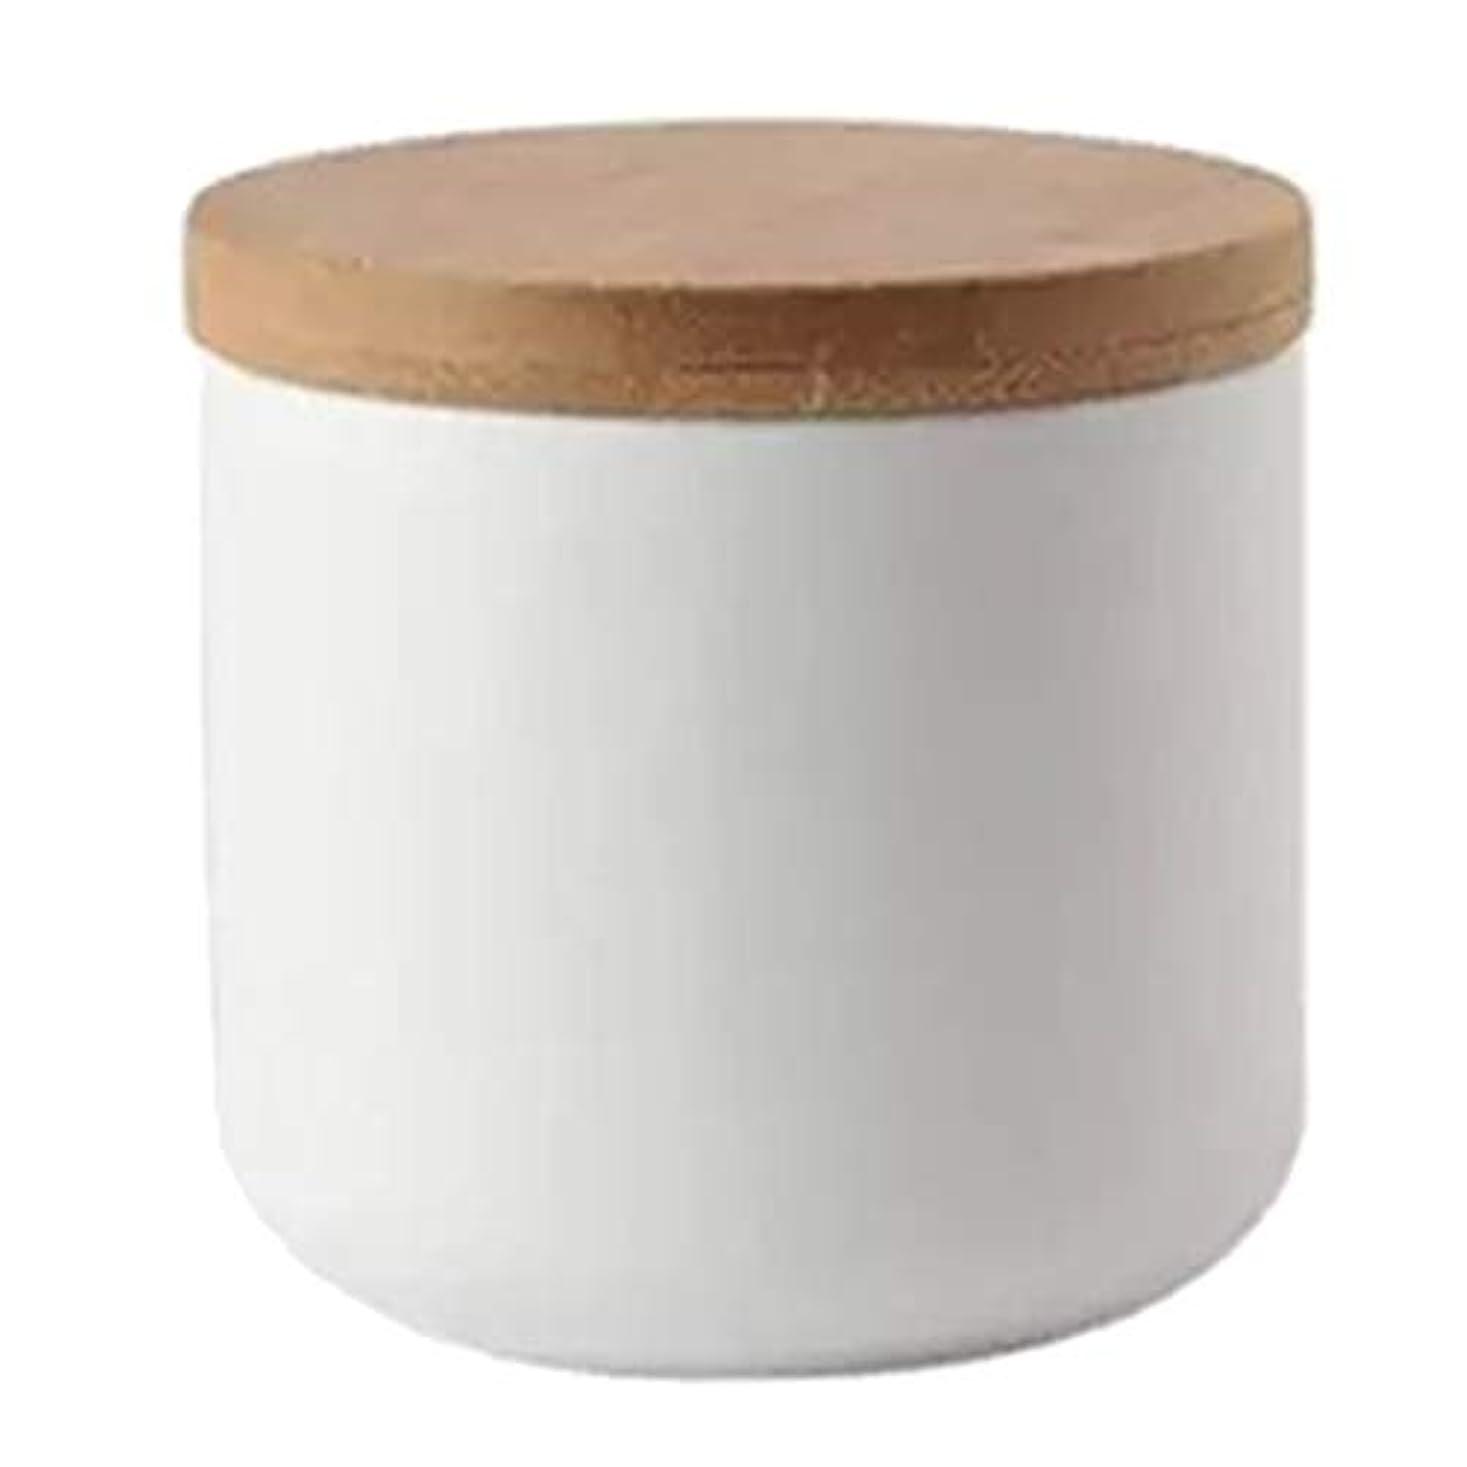 パースブラックボロウ経済予約ネイルリキッドコンテナ ボウル パウダー ドライグッズ ルーズティーリーフ 化粧品 収納ポット 全2色 - 白い